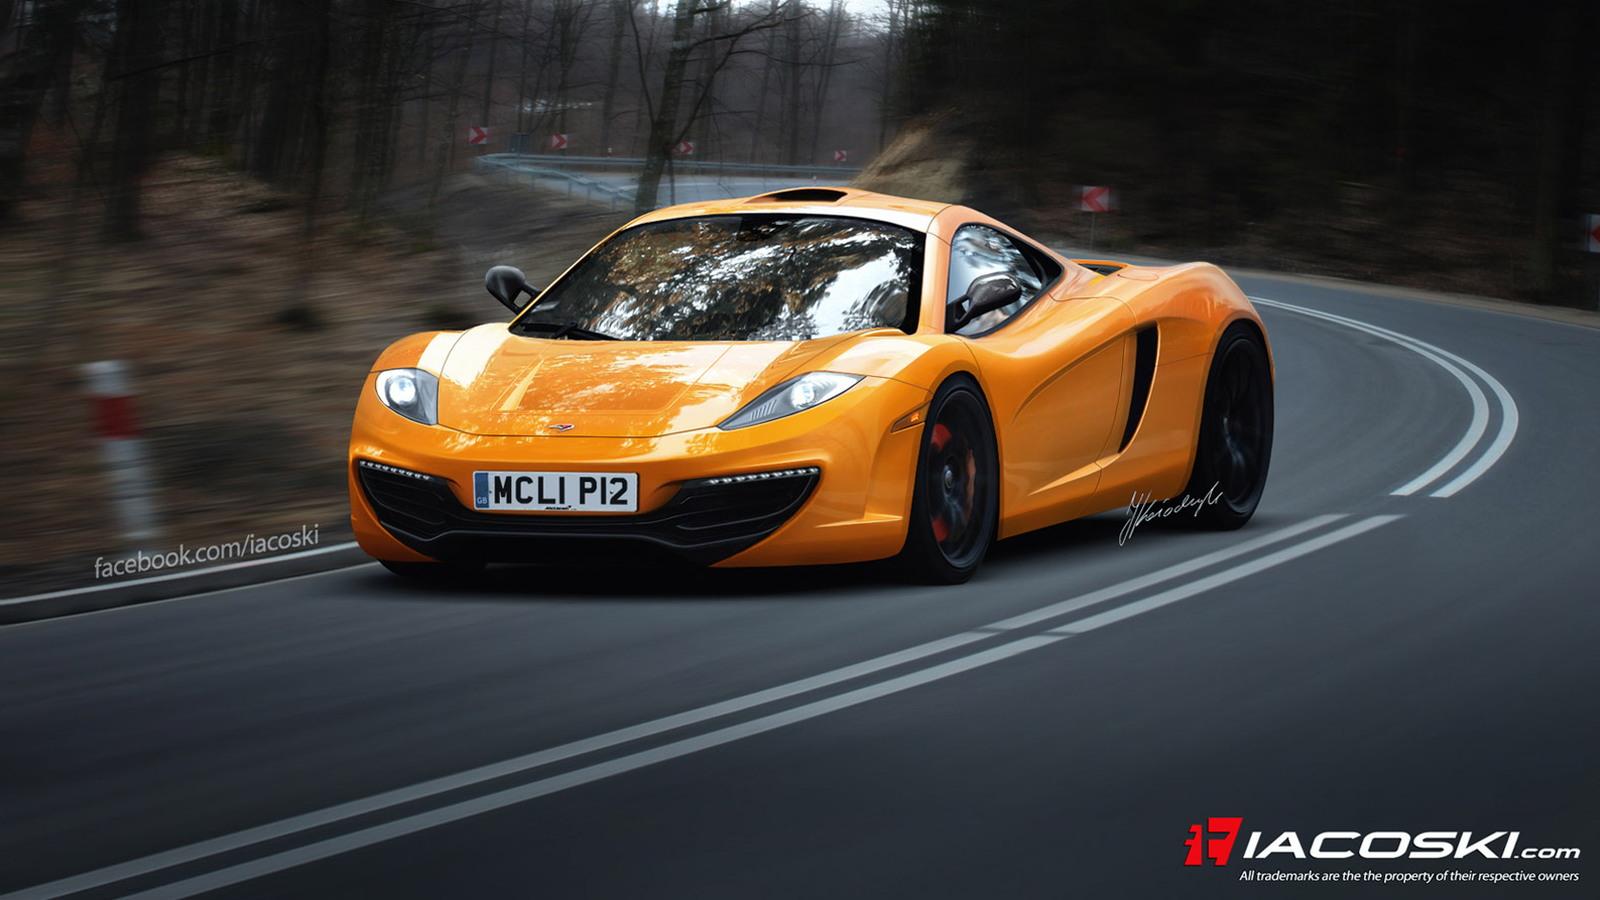 McLaren F1 Successor (P12) rendering by Iacoski Design